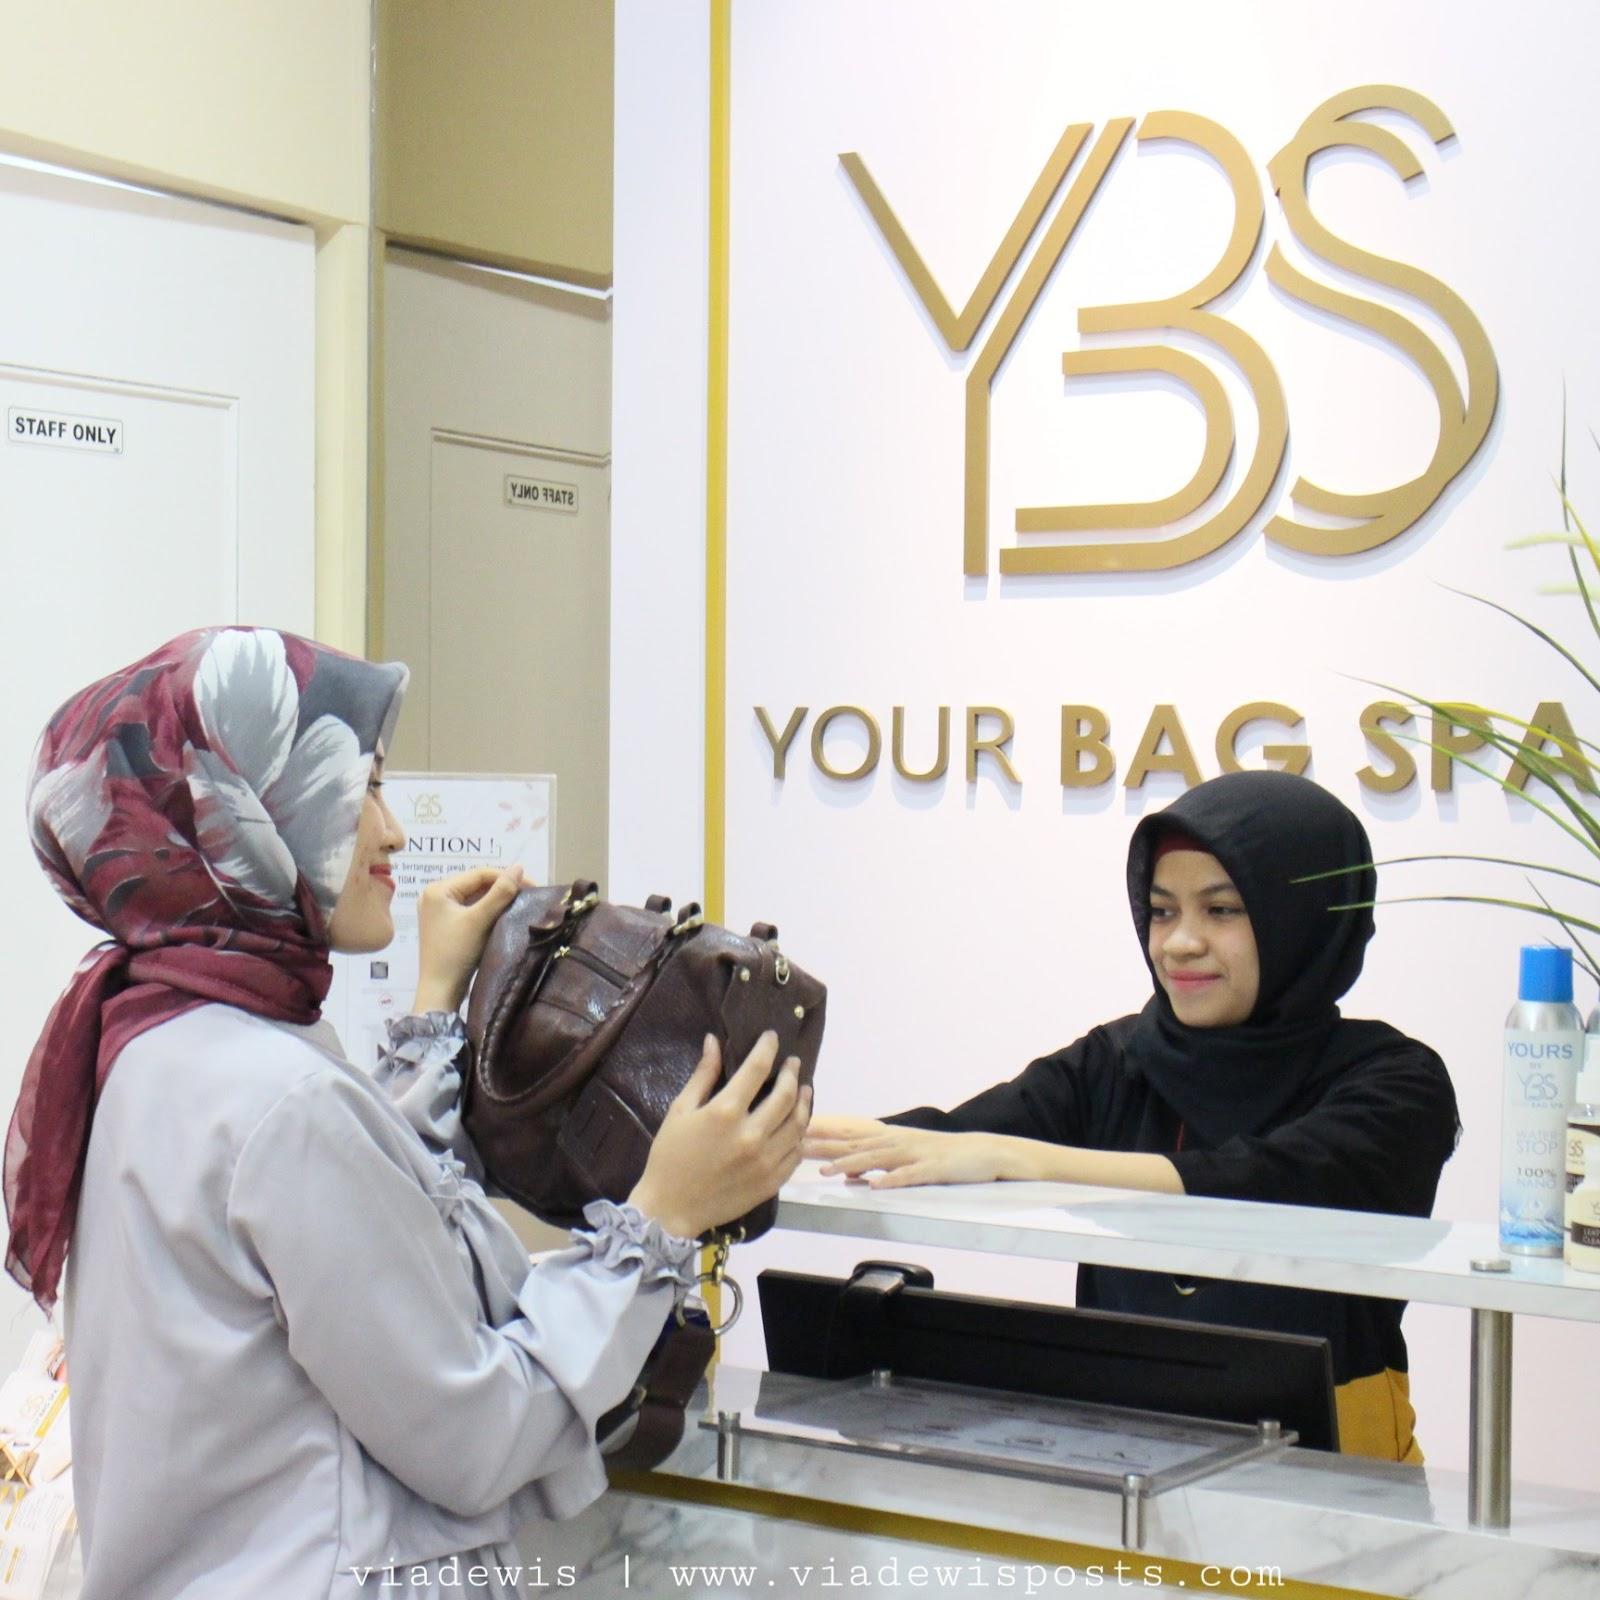 5a28aec3a Aku langsung mendatangi bagian resepsionis di Your Bag Spa PVJ Bandung  untuk reservasi. Petugas di Your Bag Spa akan menyambut customer dengan  ramah.